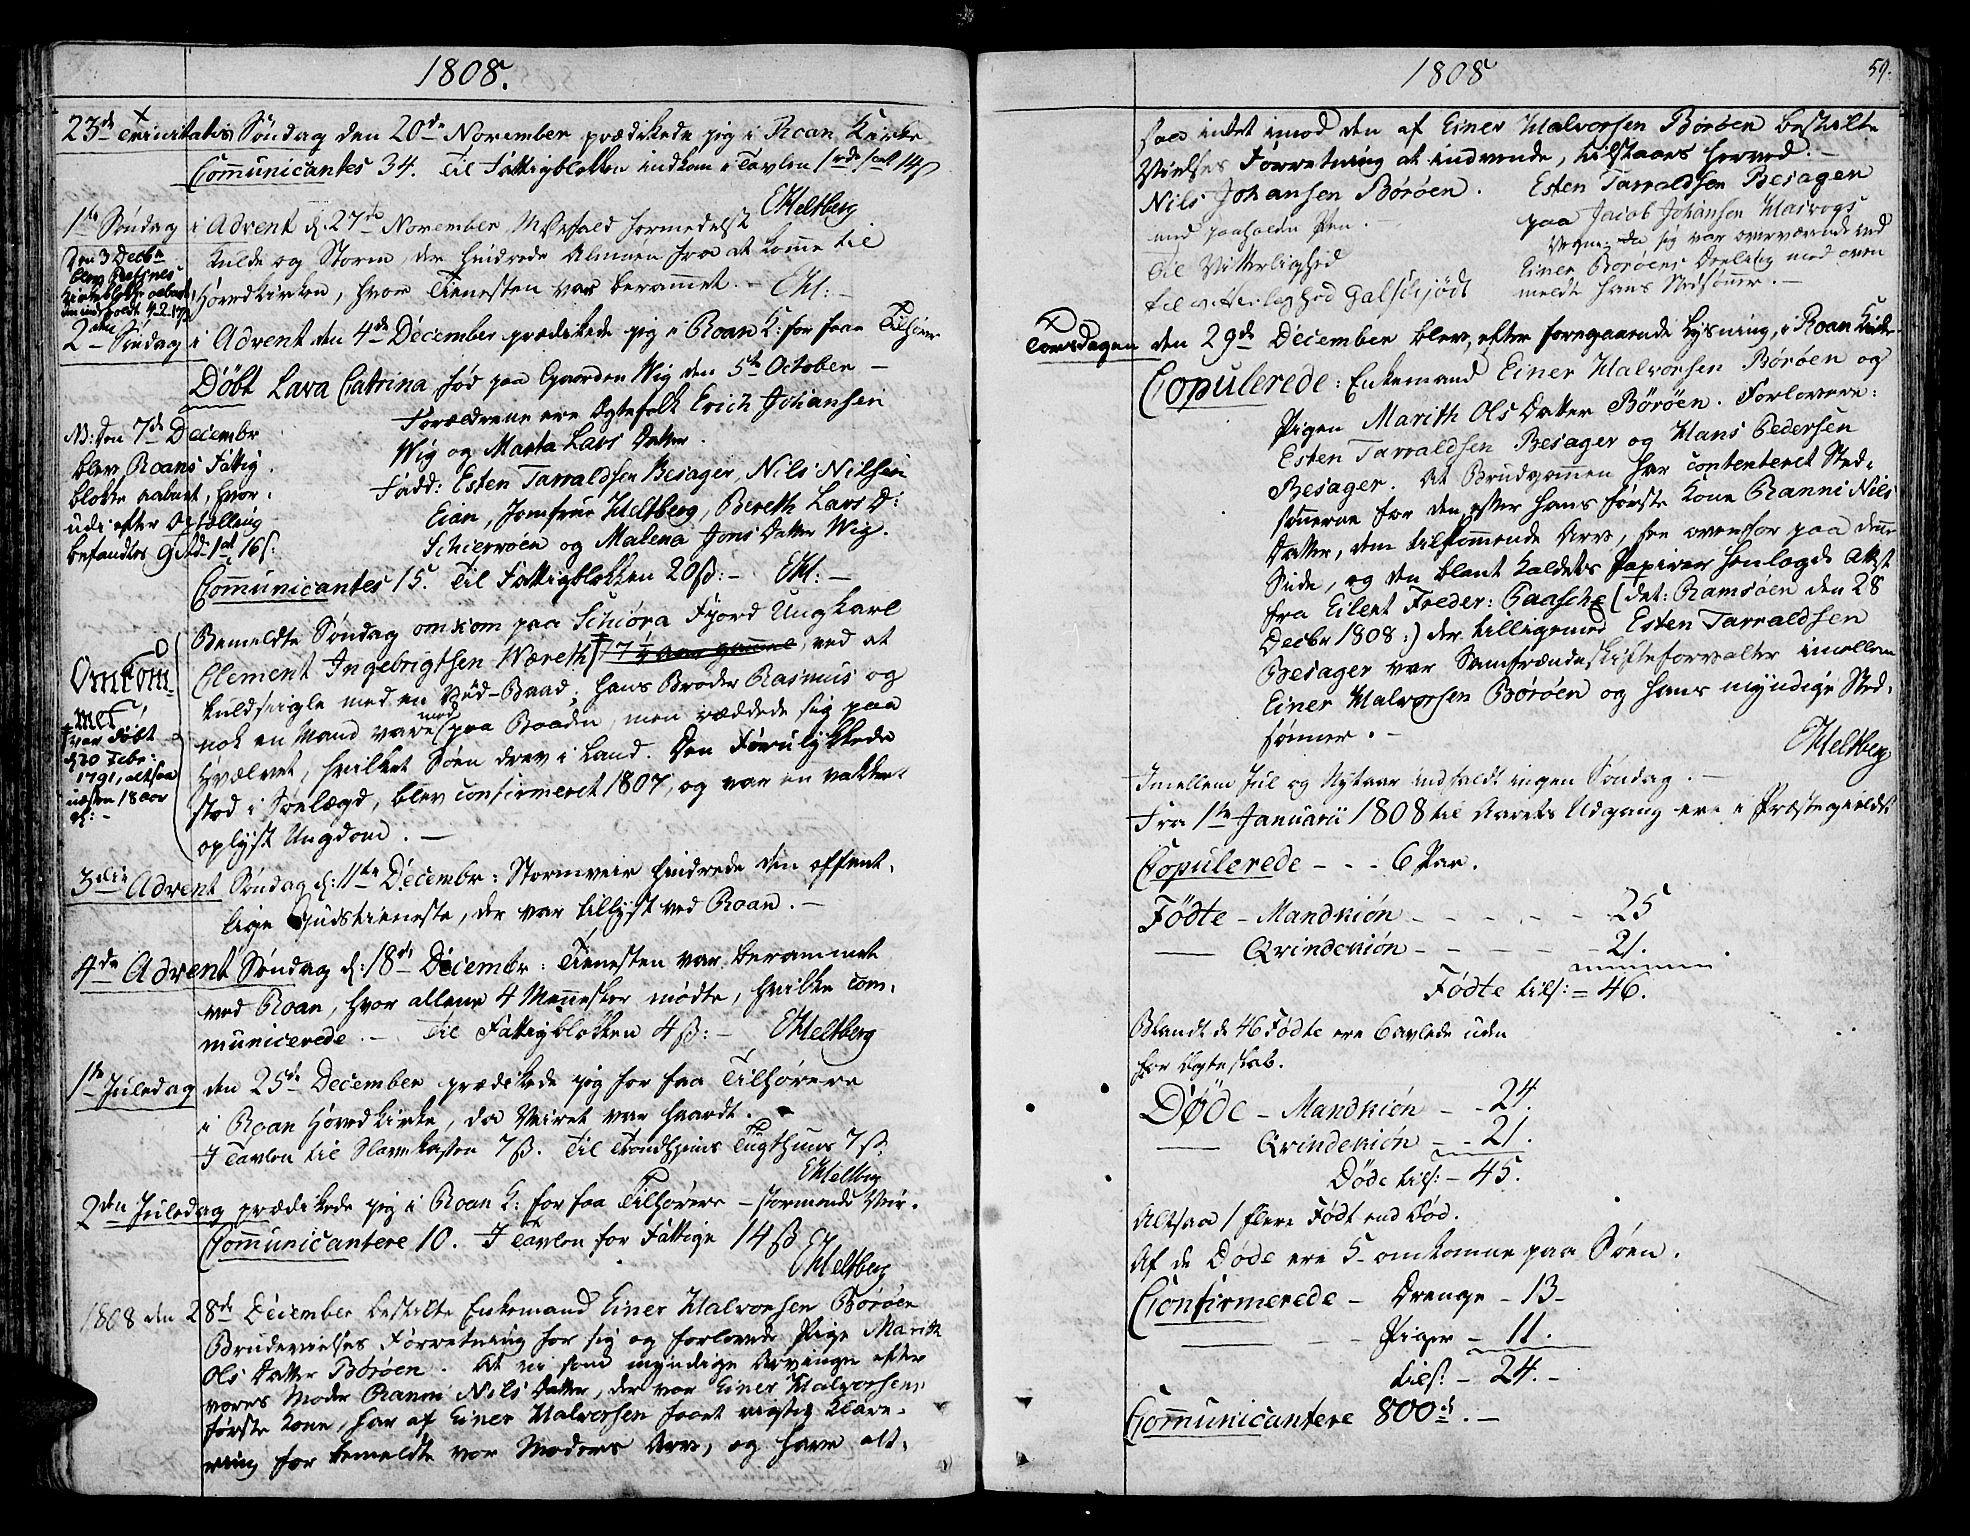 SAT, Ministerialprotokoller, klokkerbøker og fødselsregistre - Sør-Trøndelag, 657/L0701: Ministerialbok nr. 657A02, 1802-1831, s. 59